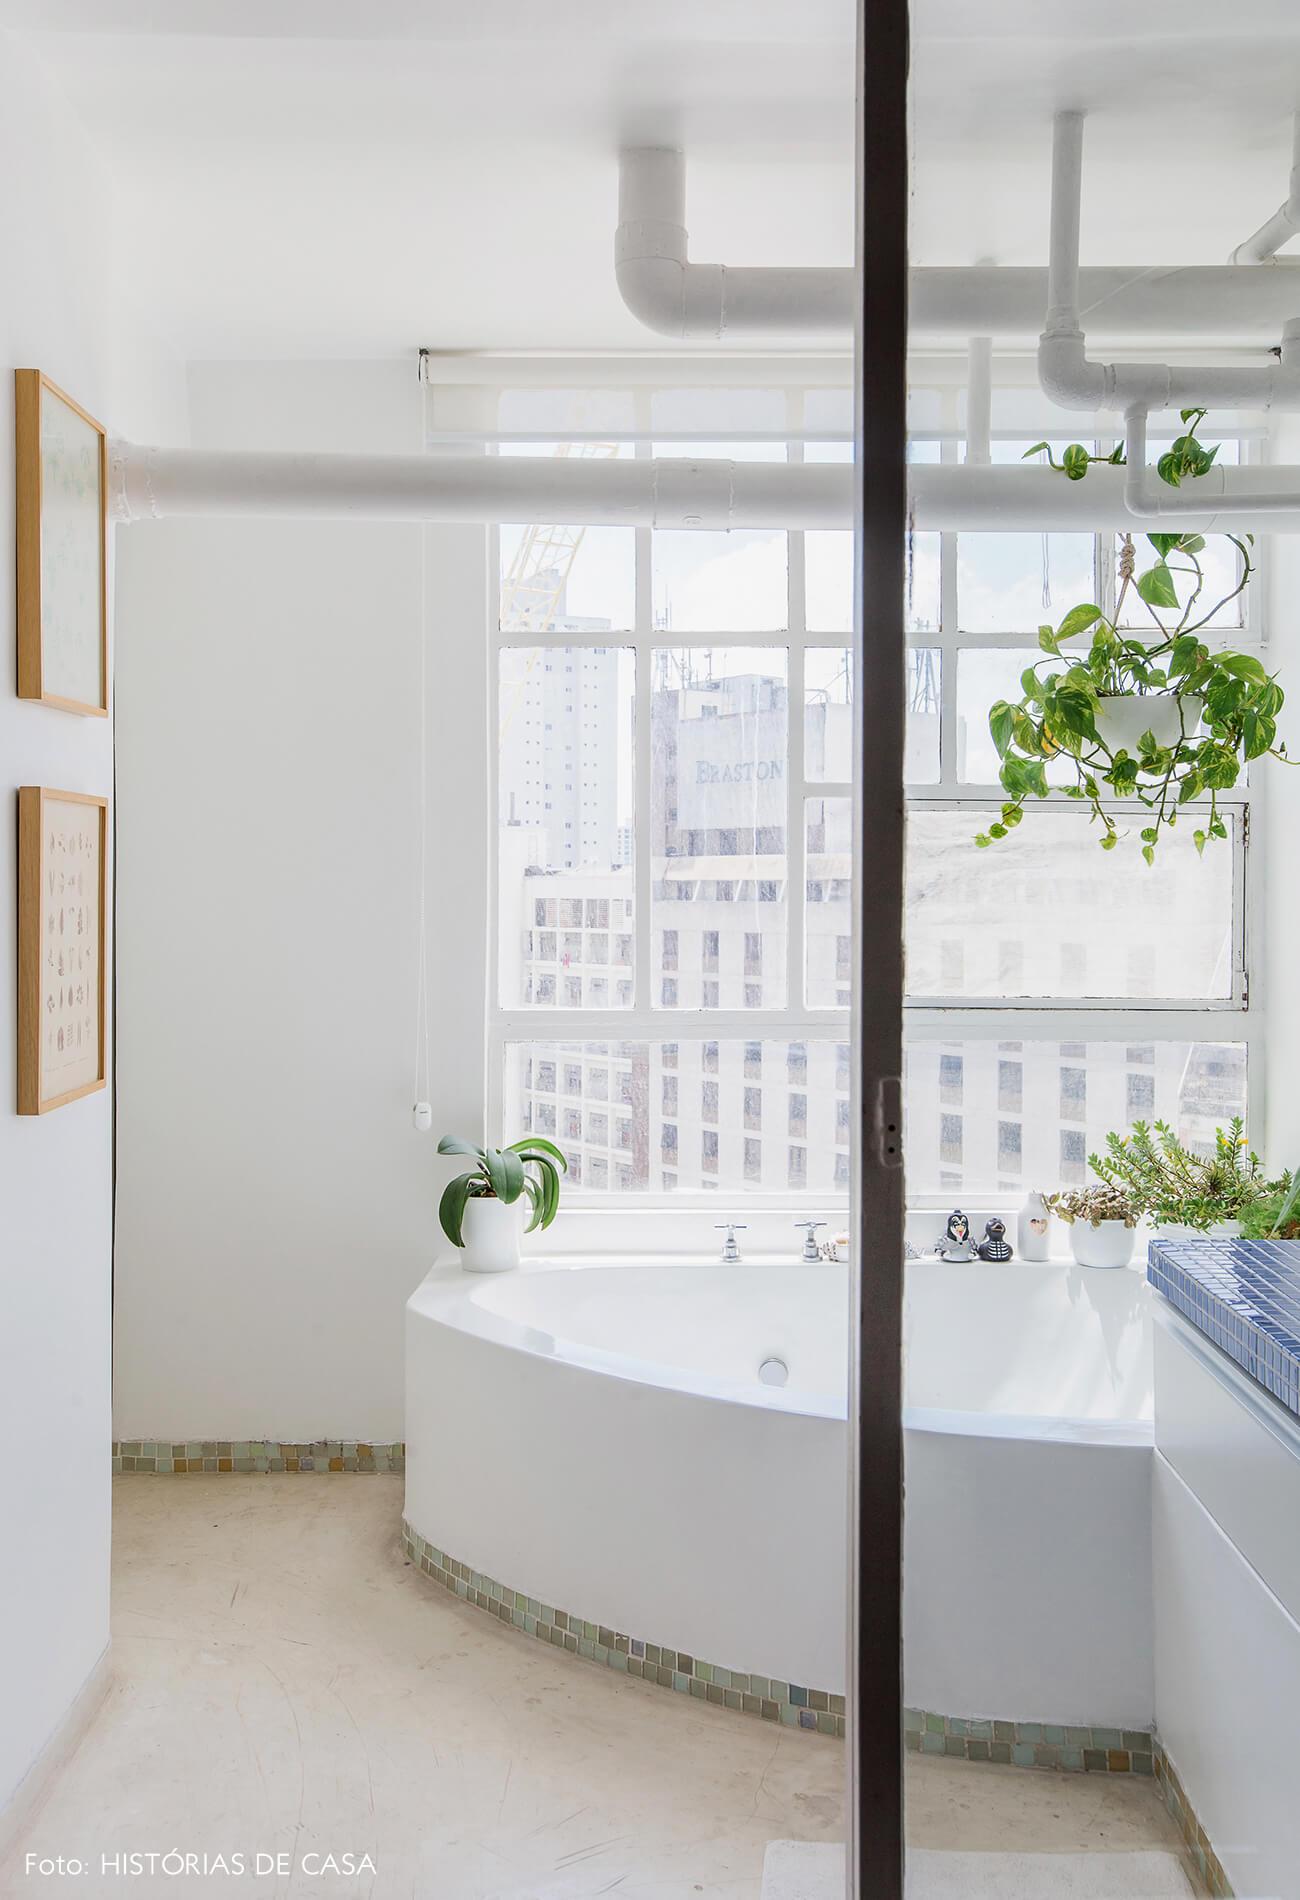 Banheiro com parede de vidro e muitas plantas